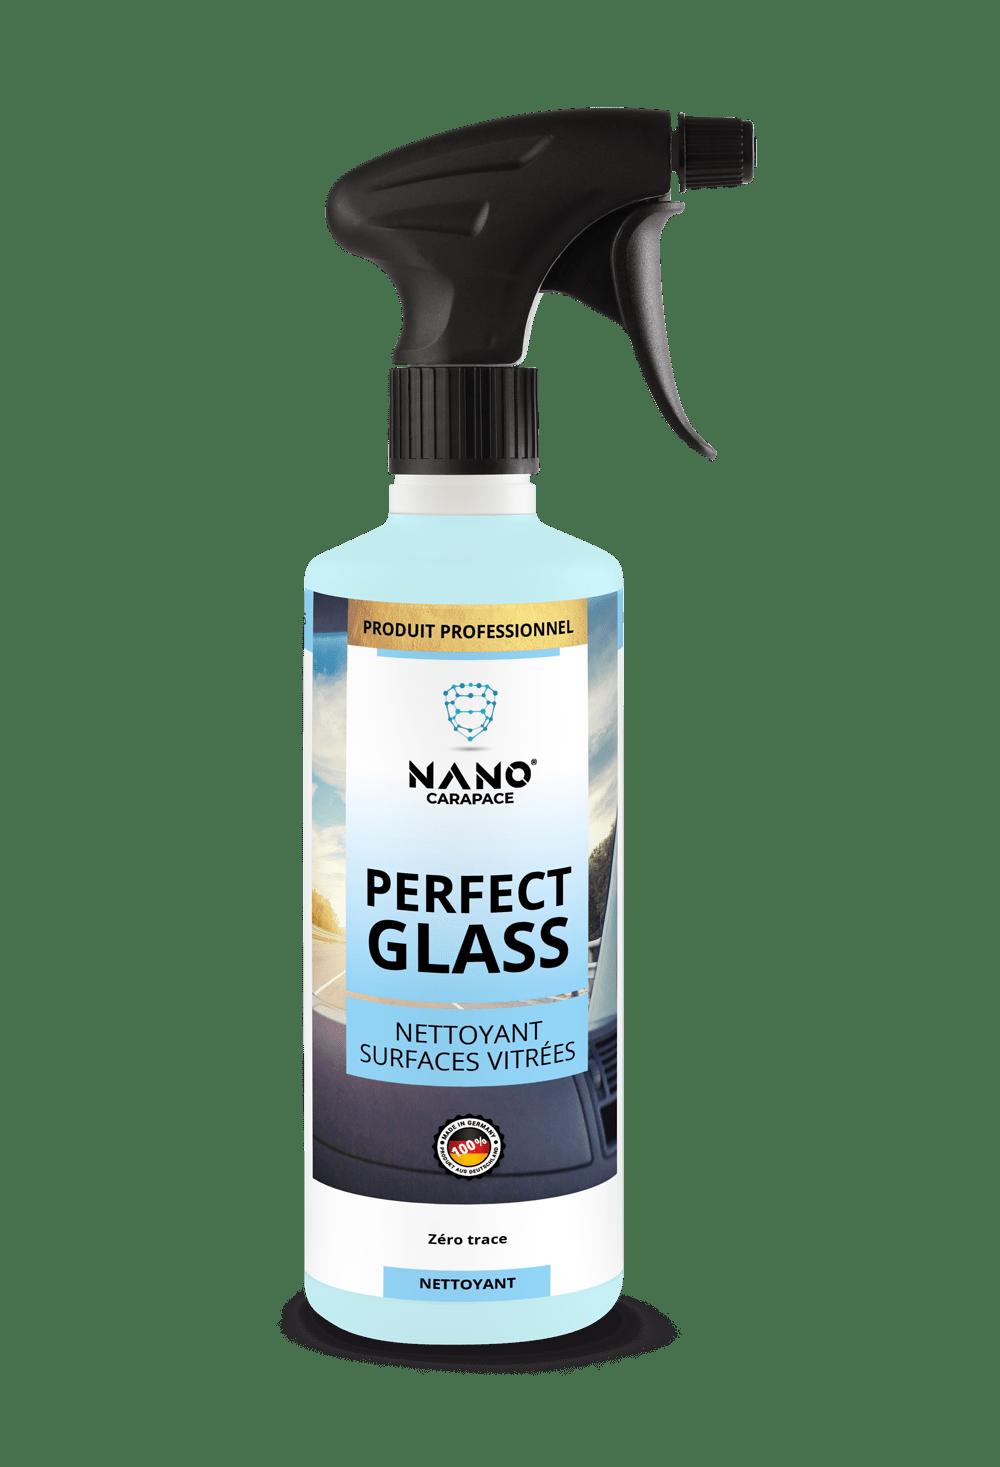 Nettoyant Surfaces Vitrées - Perfect Glass